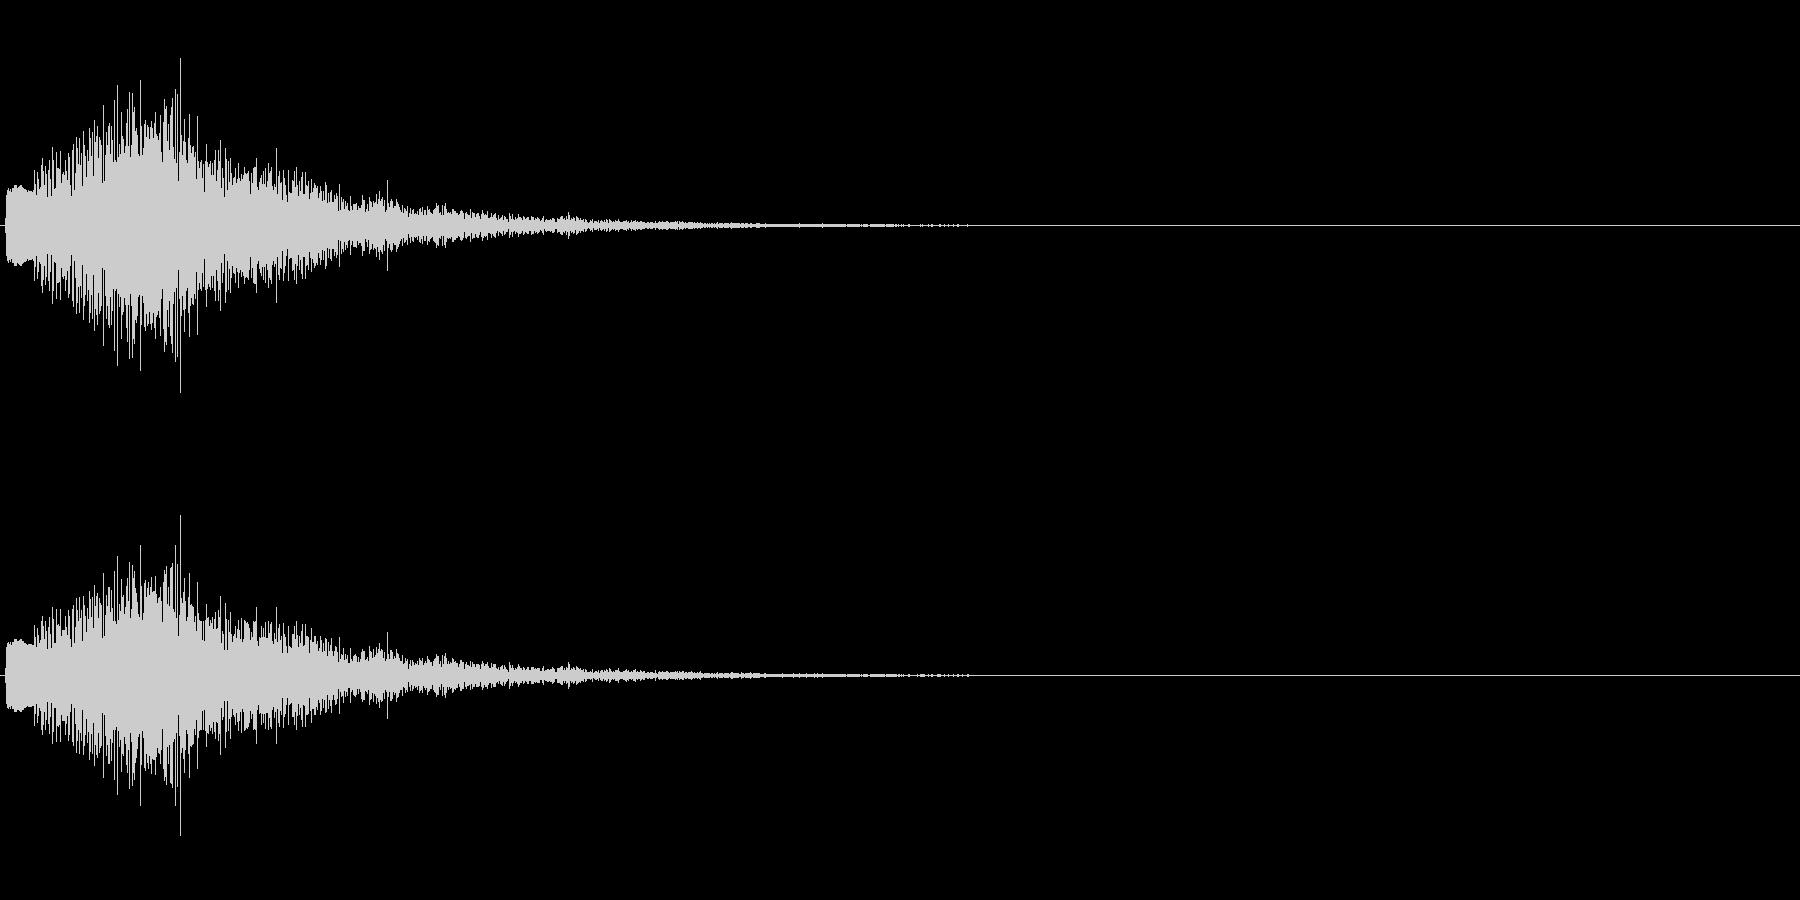 キラリラン(ベルのグリッサンド)の未再生の波形